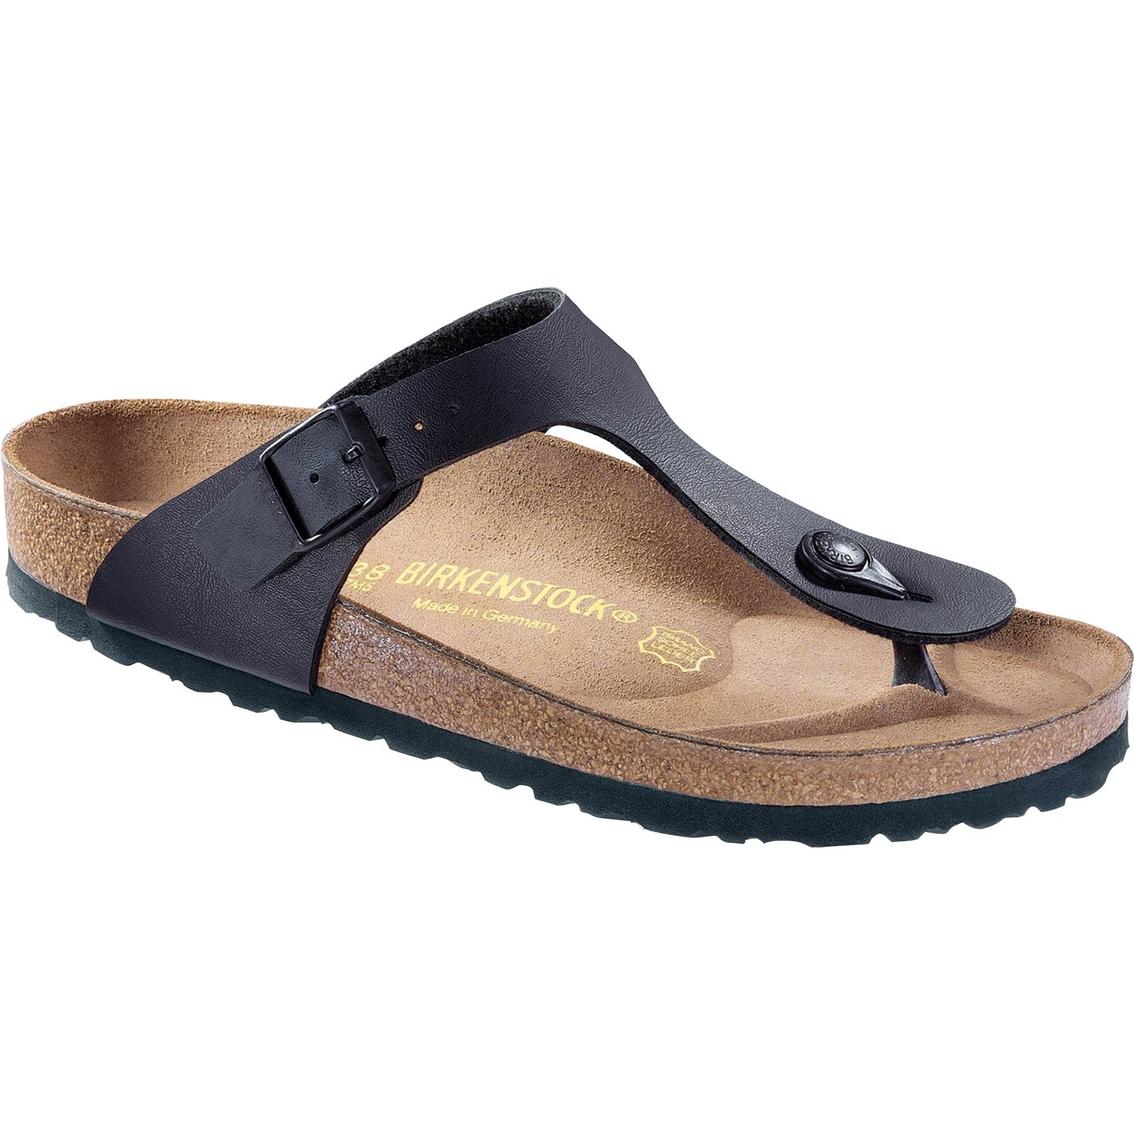 5c3563057ac Birkenstock Women s Gizeh Sandals